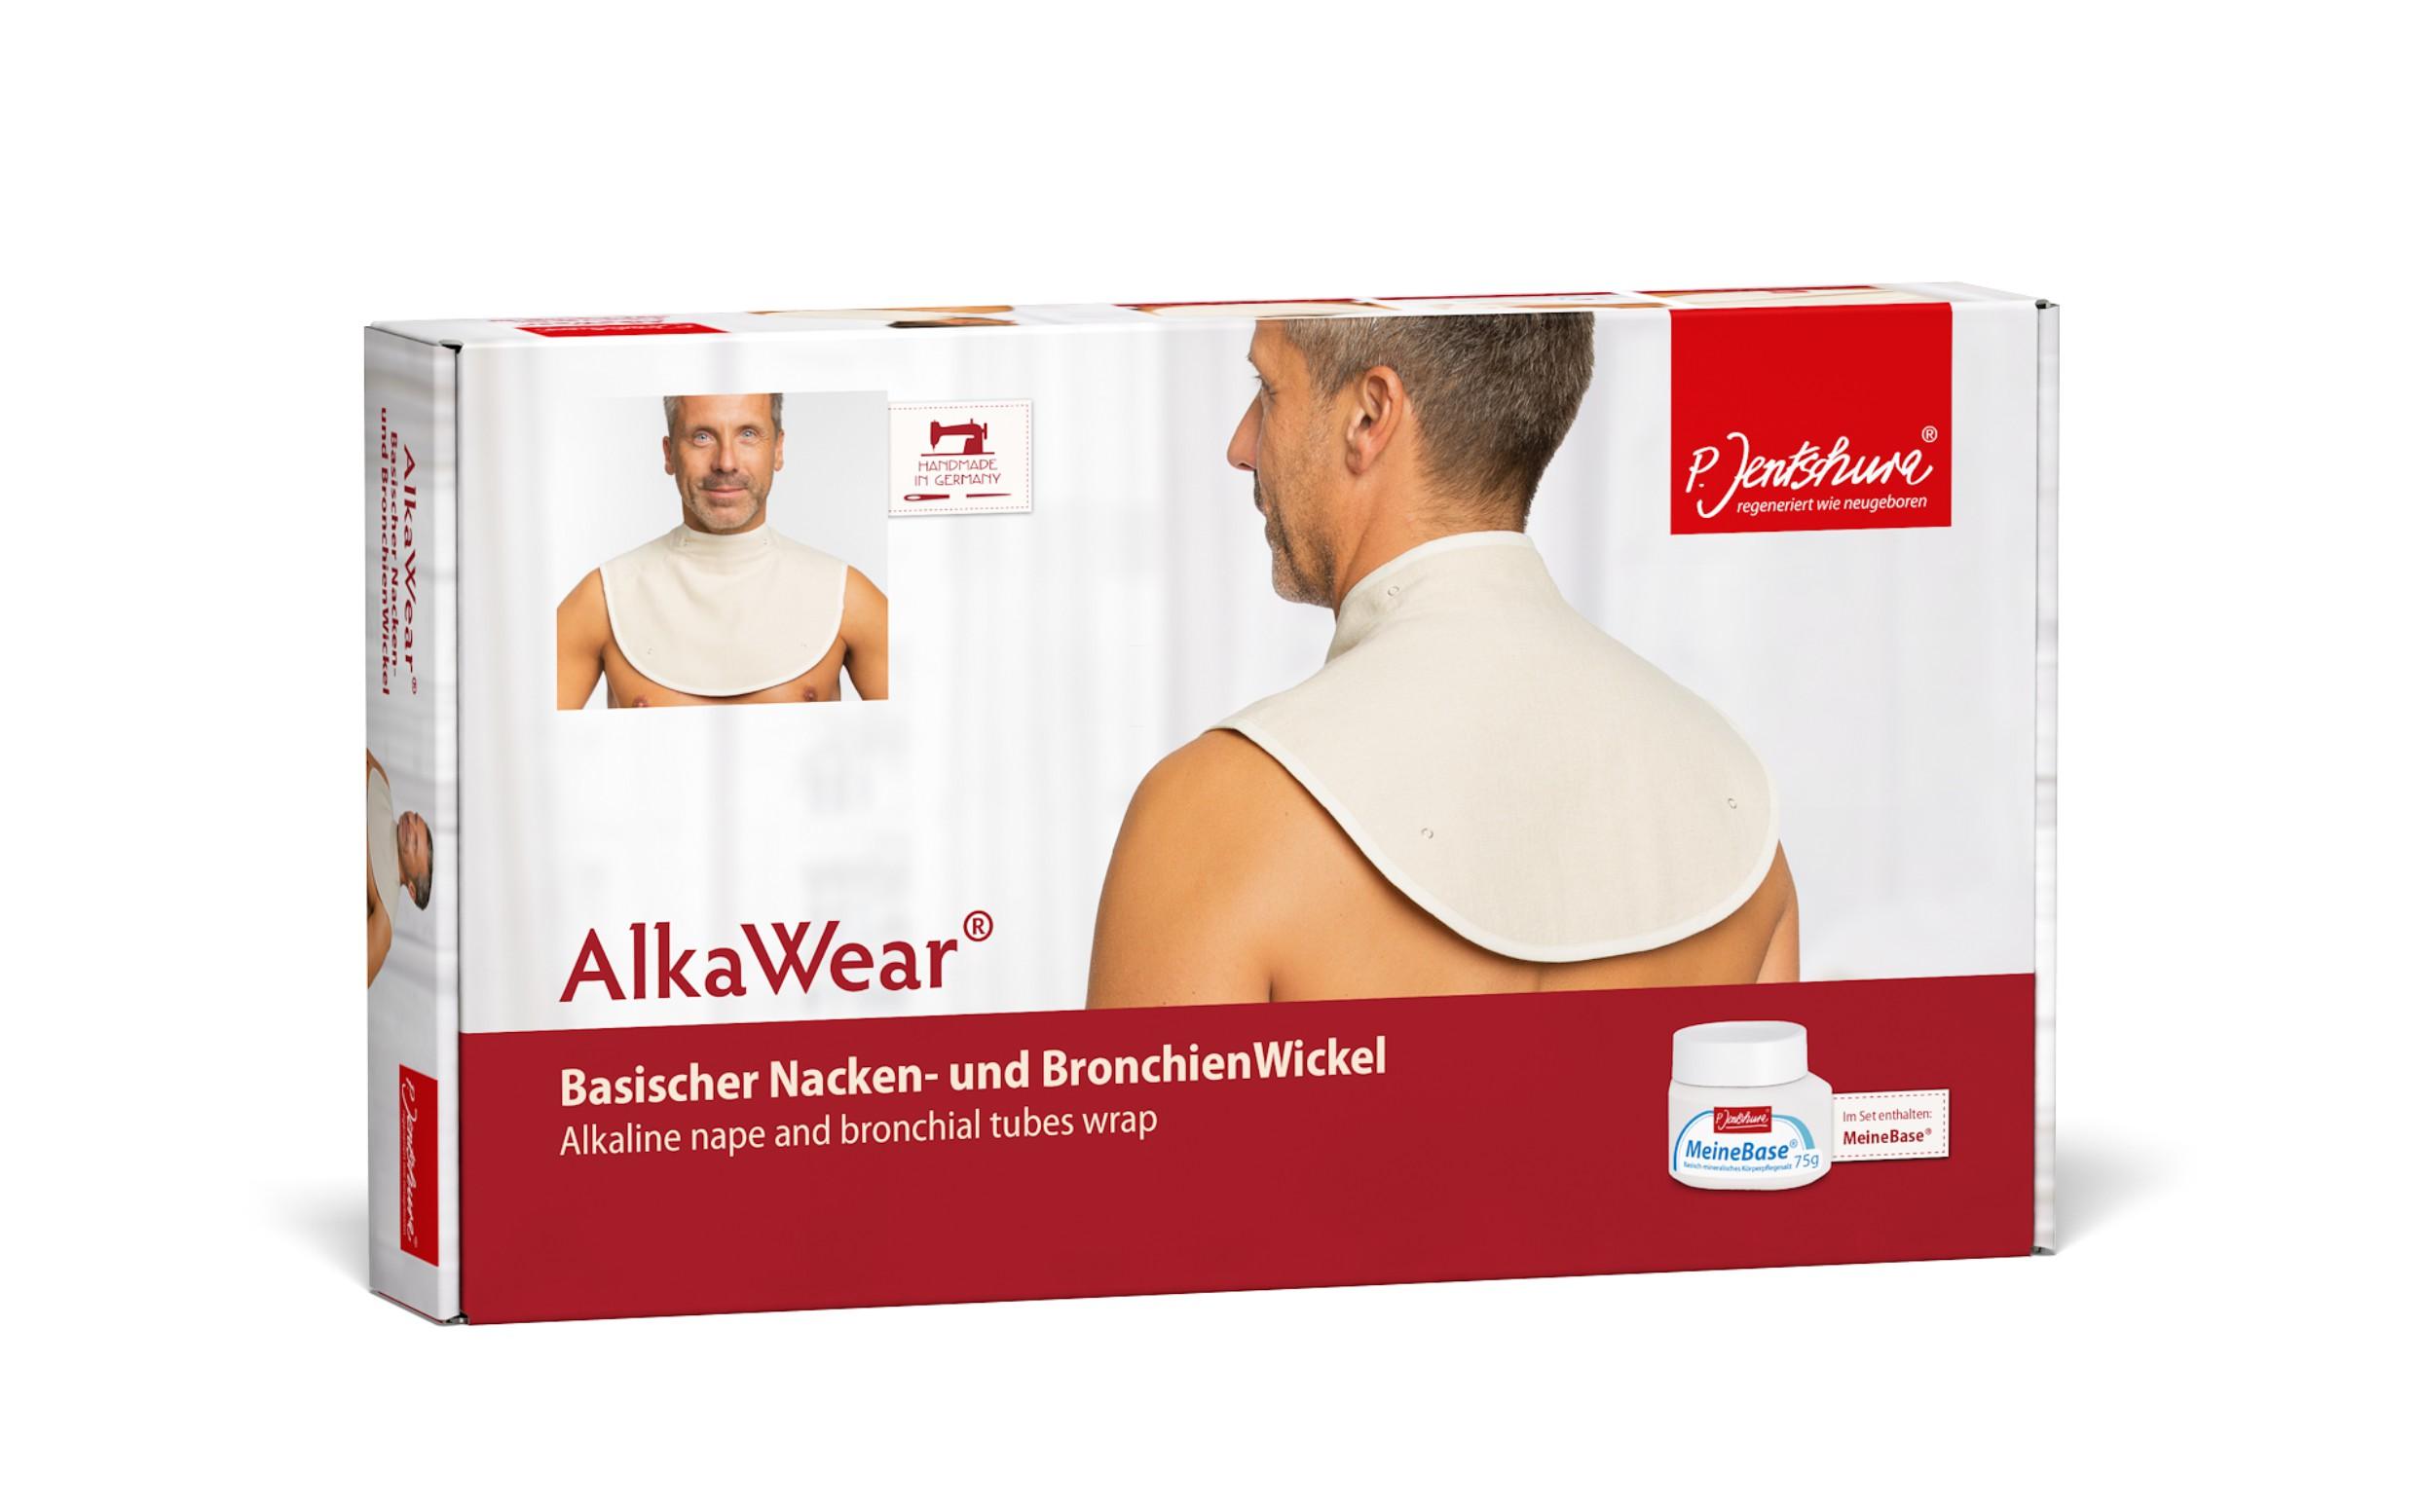 Jentschura Nacken- und BronchienWickel